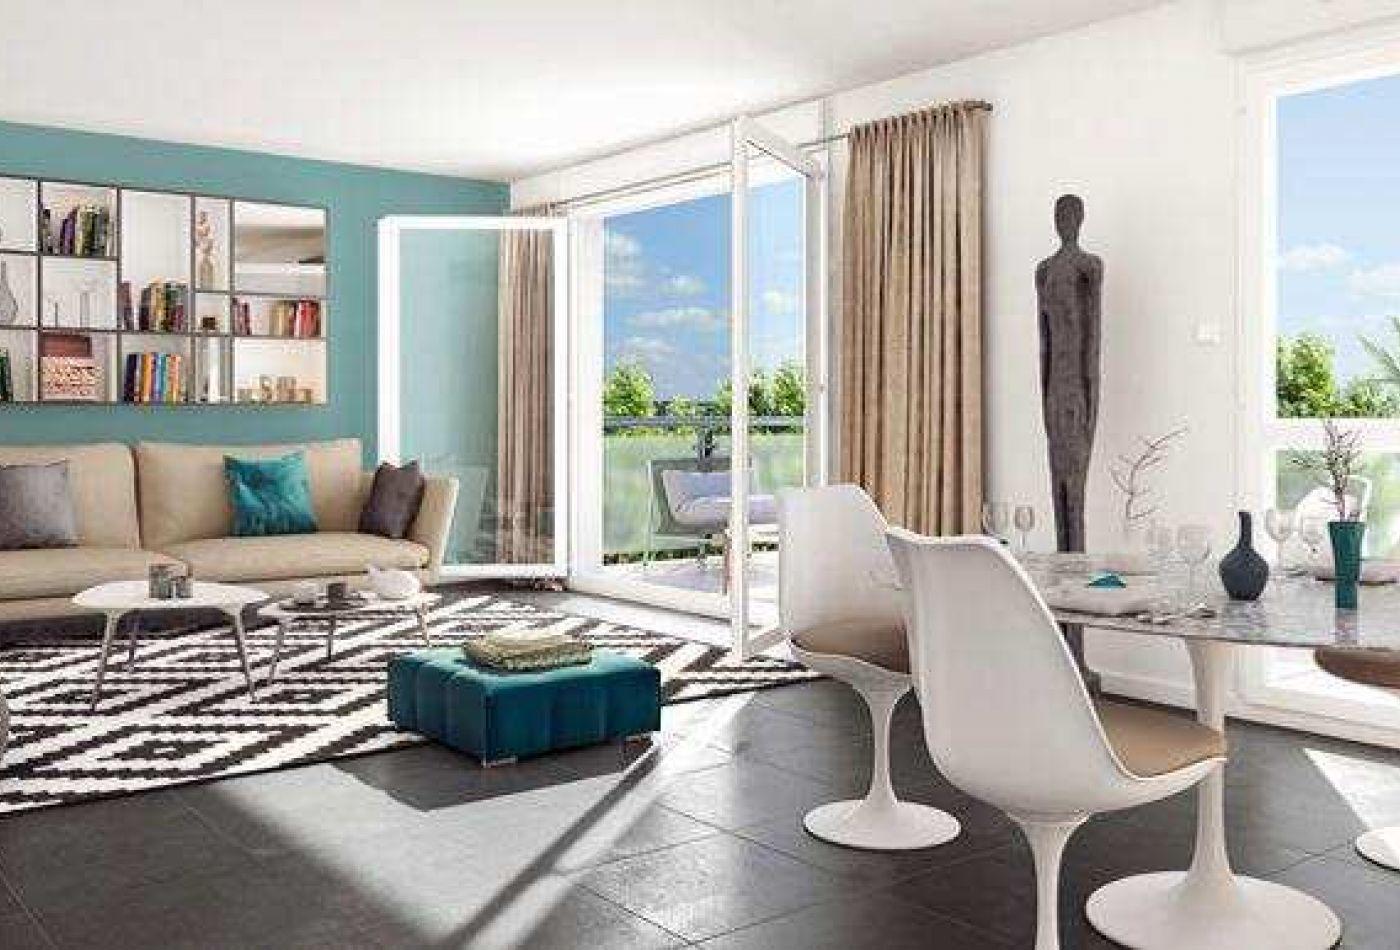 appartement en vente montpellier argence. Black Bedroom Furniture Sets. Home Design Ideas